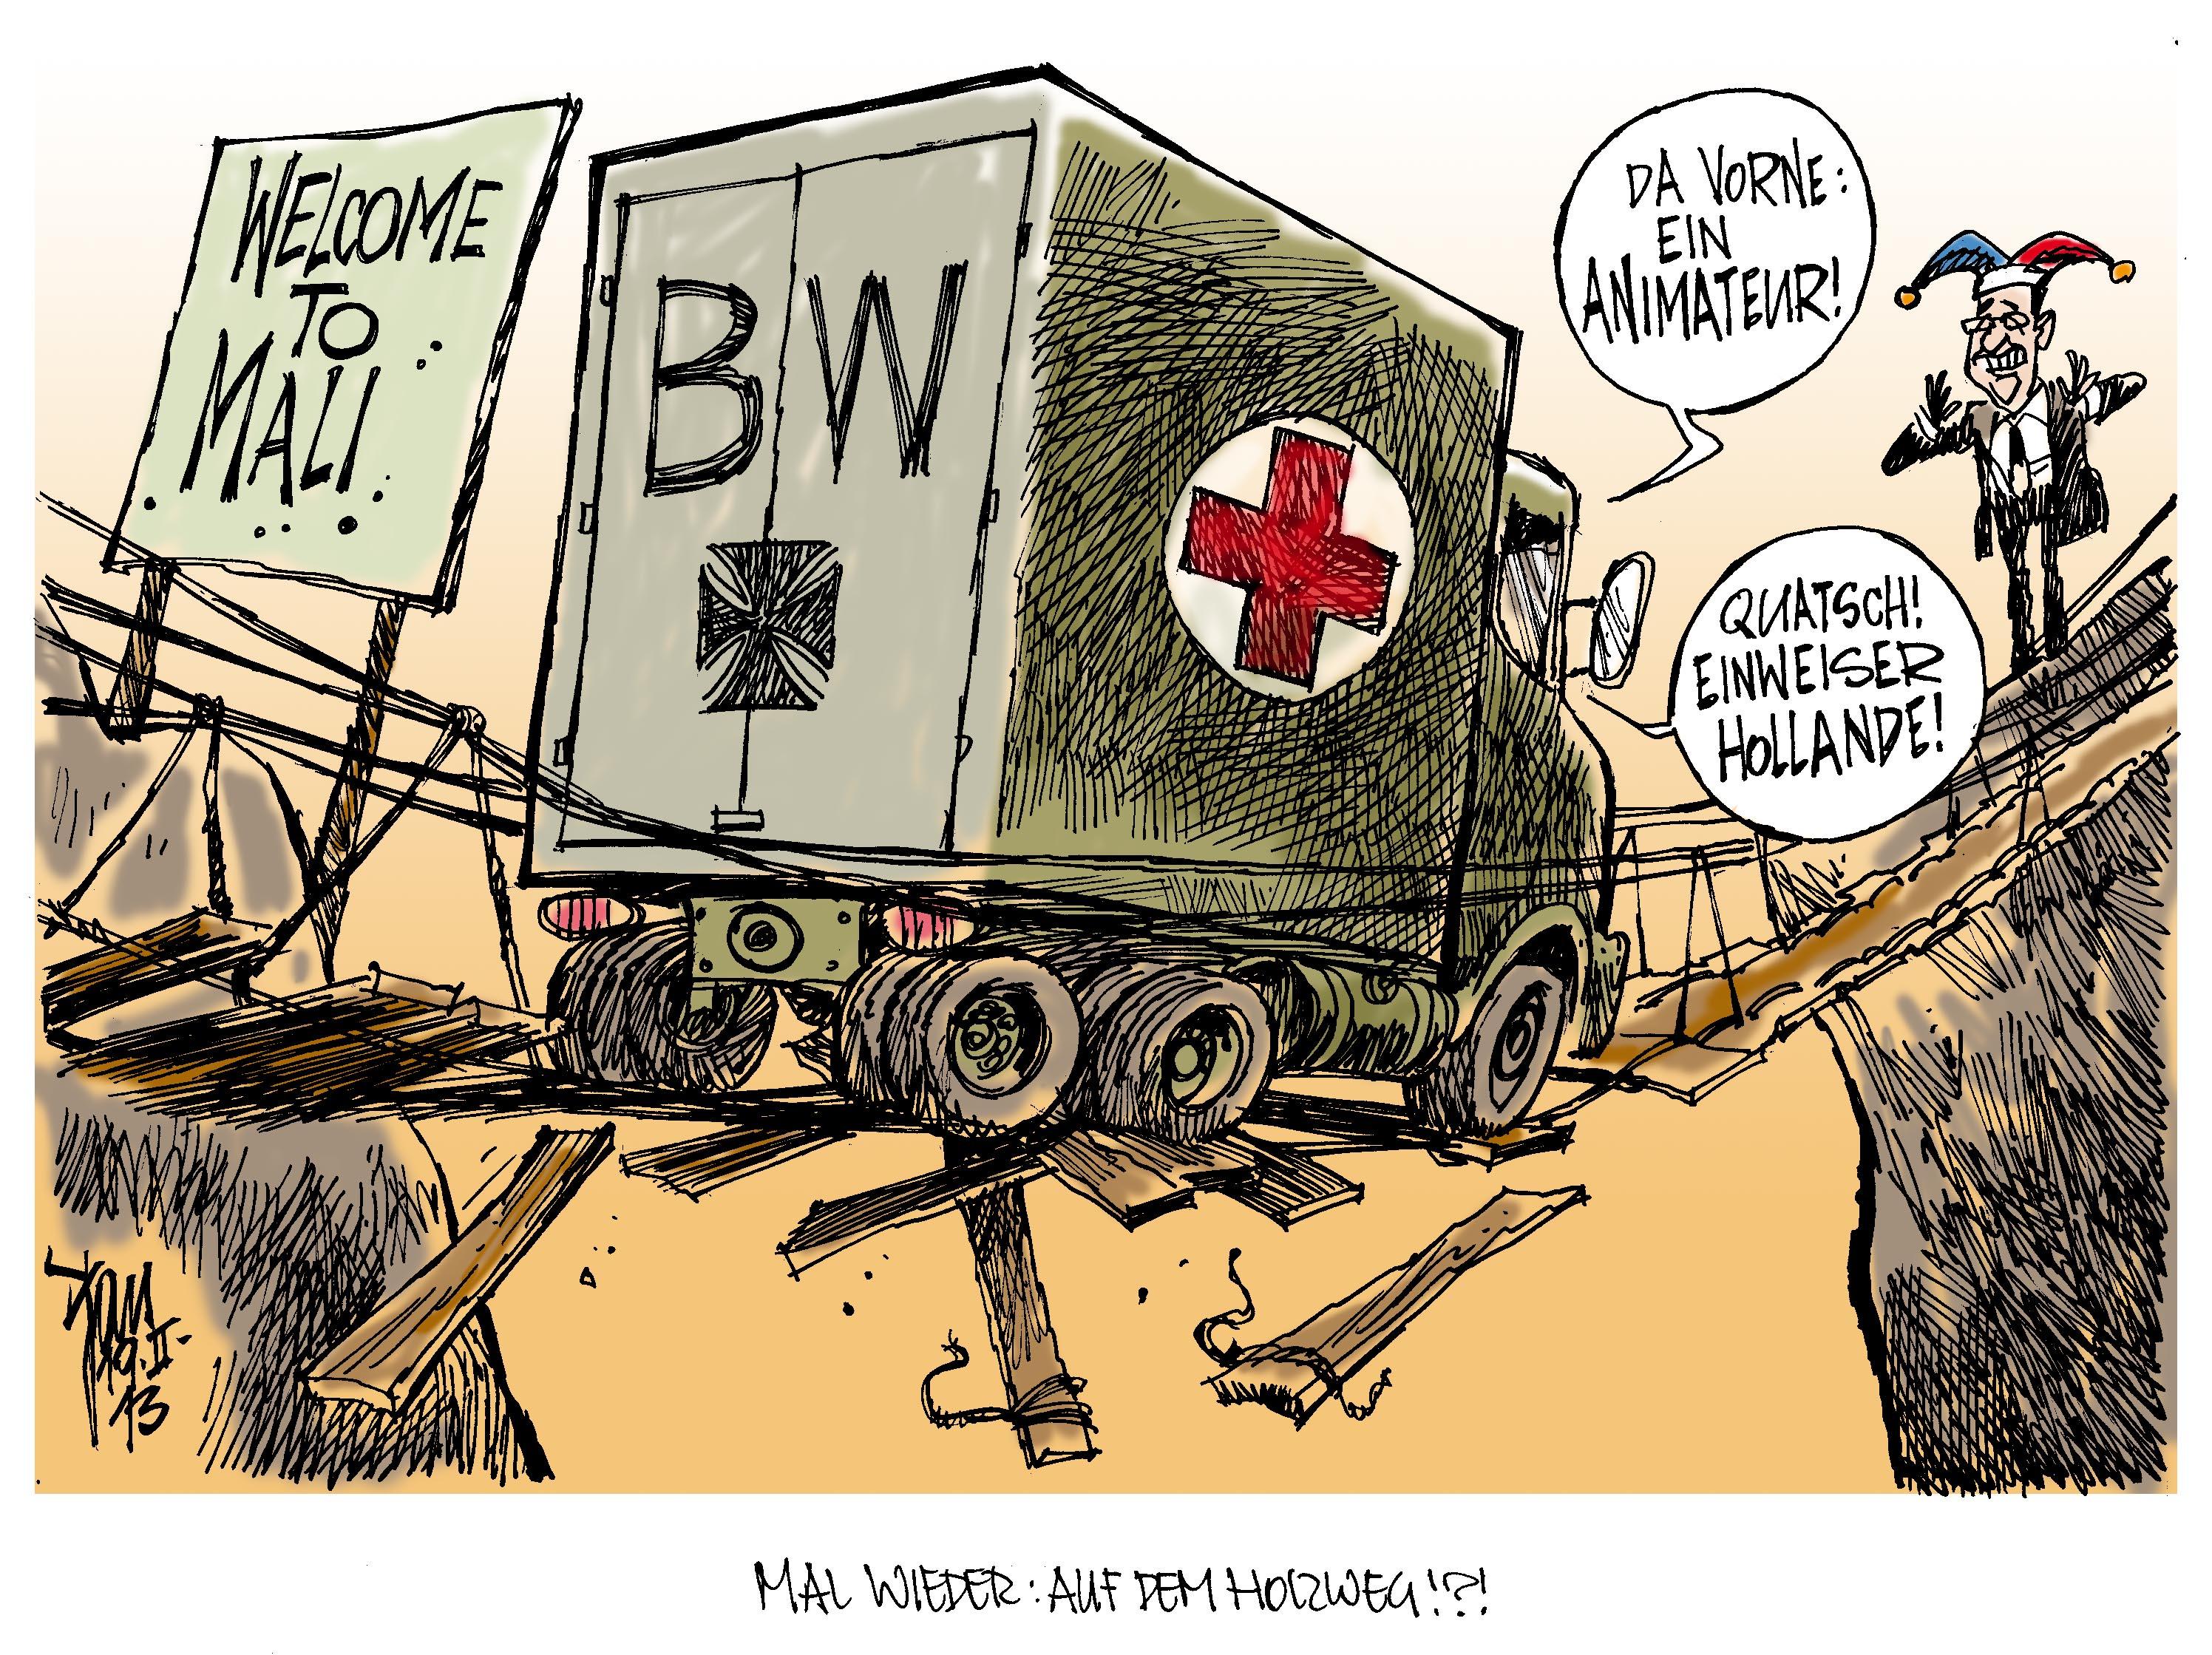 Aktuelle Karikaturen: Bundeswehr-Einsatz in Mali | {Sanitäter bundeswehr 63}